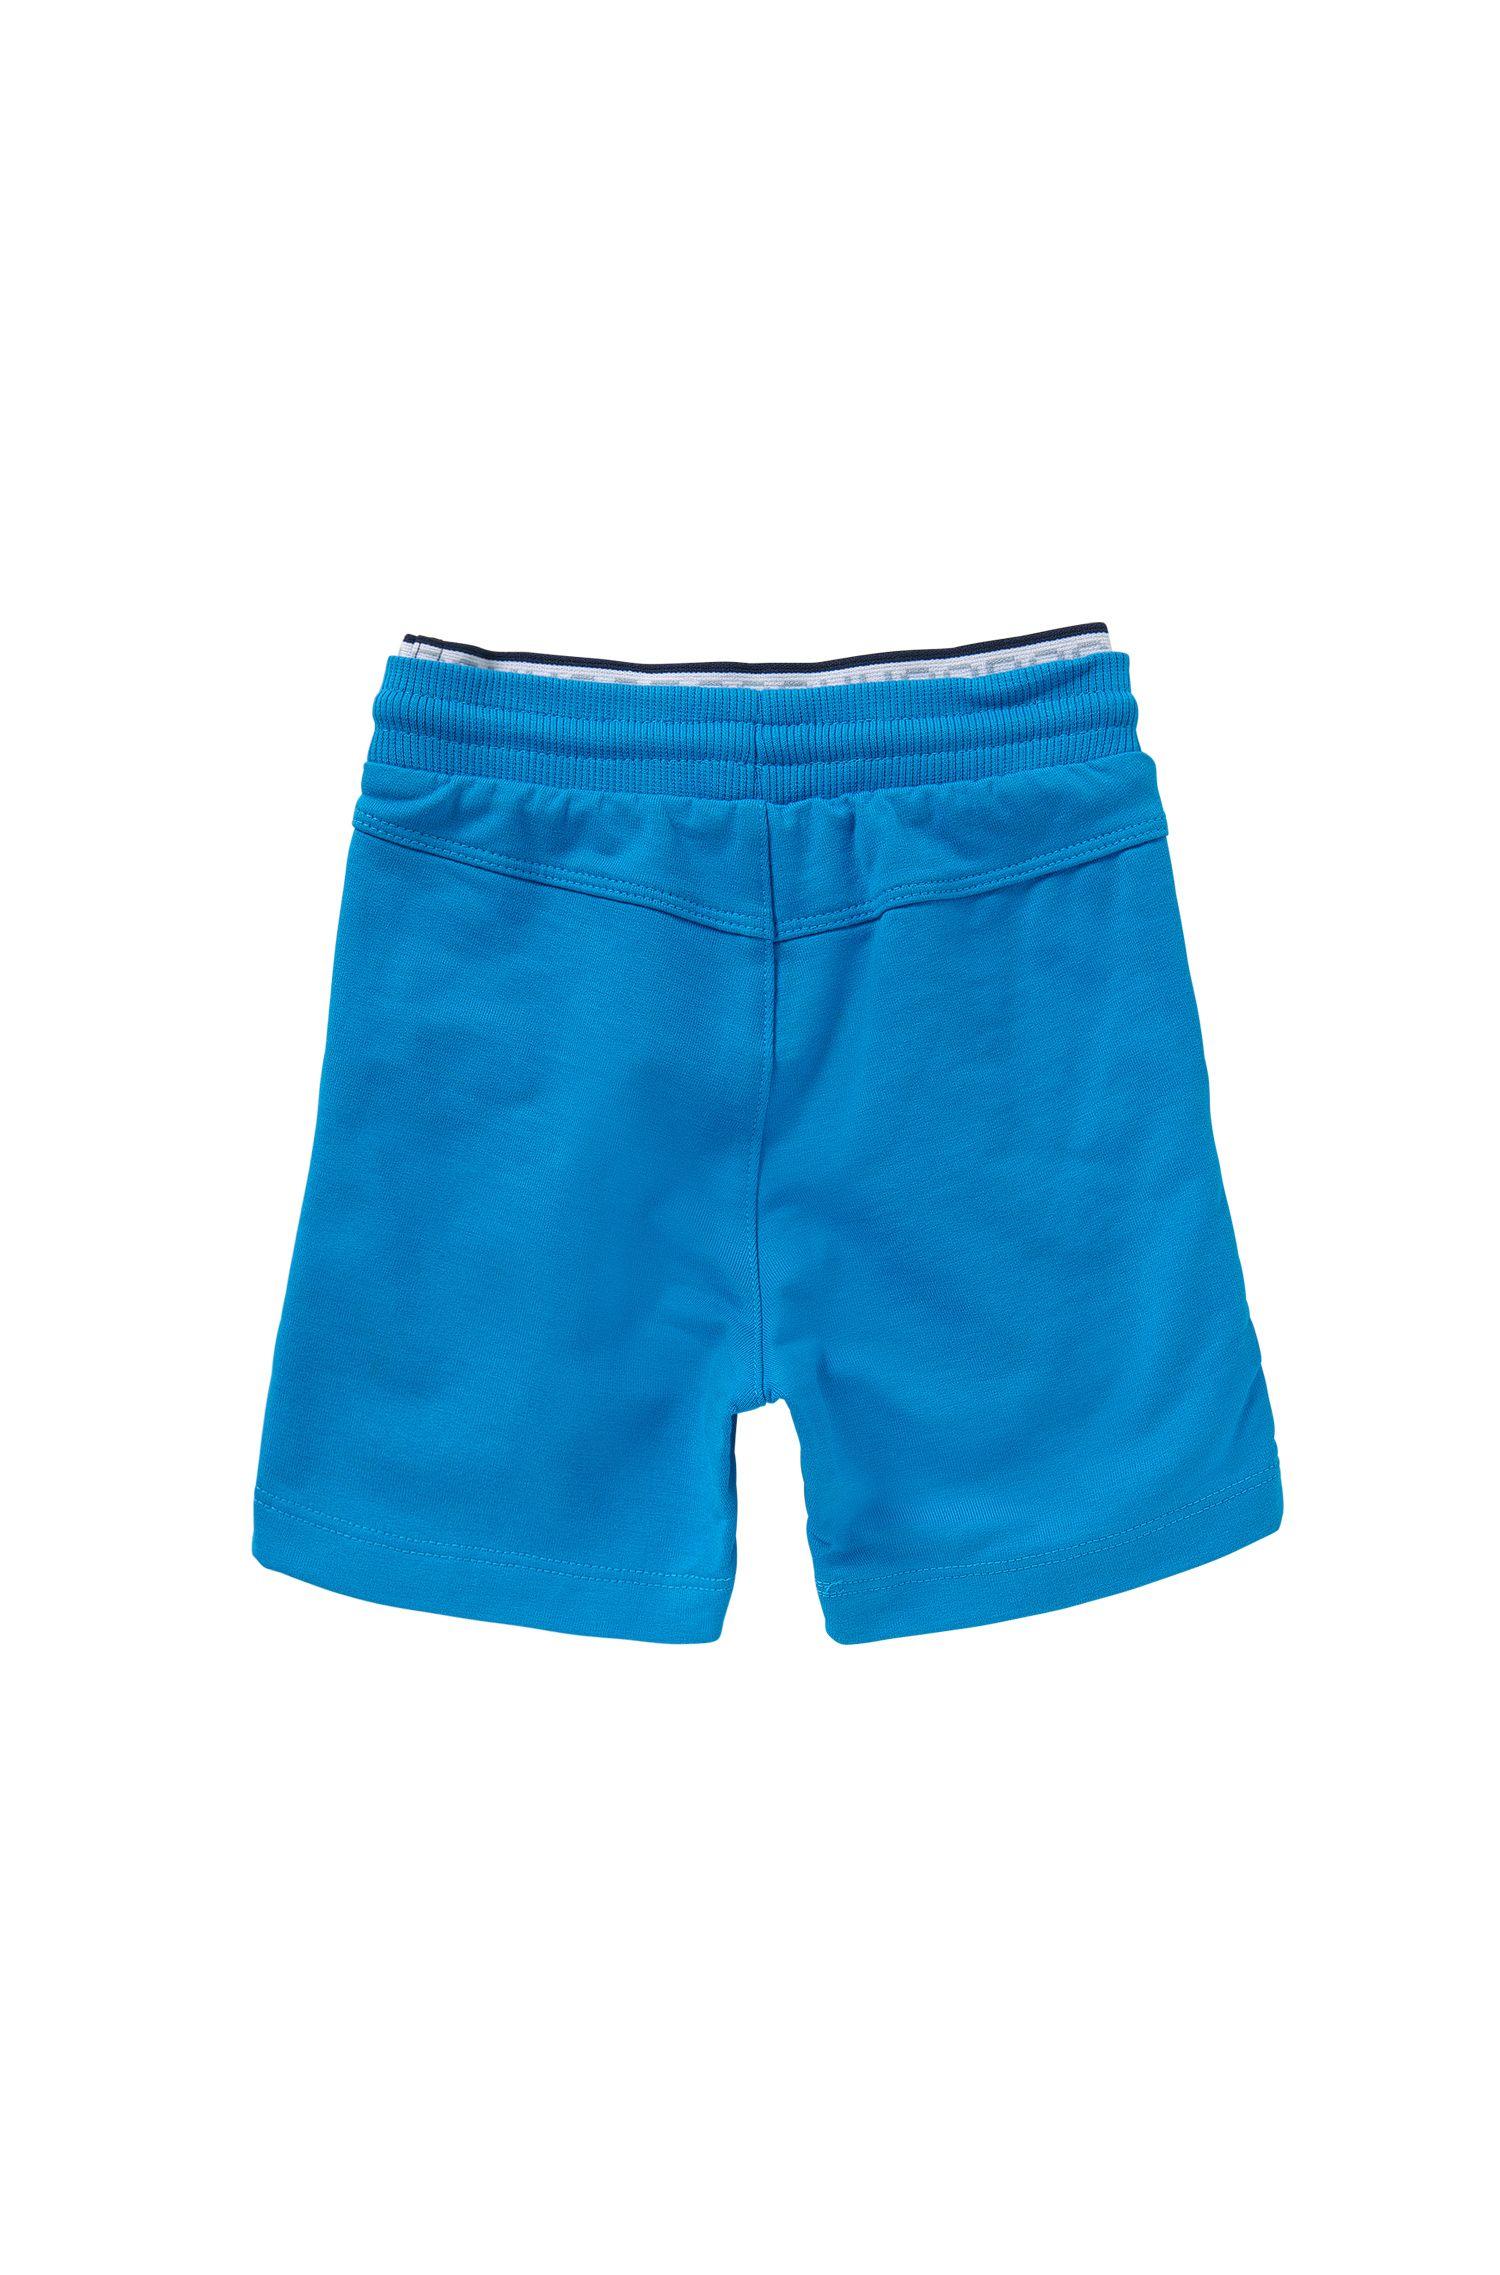 Baby-Shorts aus Stretch-Baumwolle mit doppellagigem Bund: 'J04216'